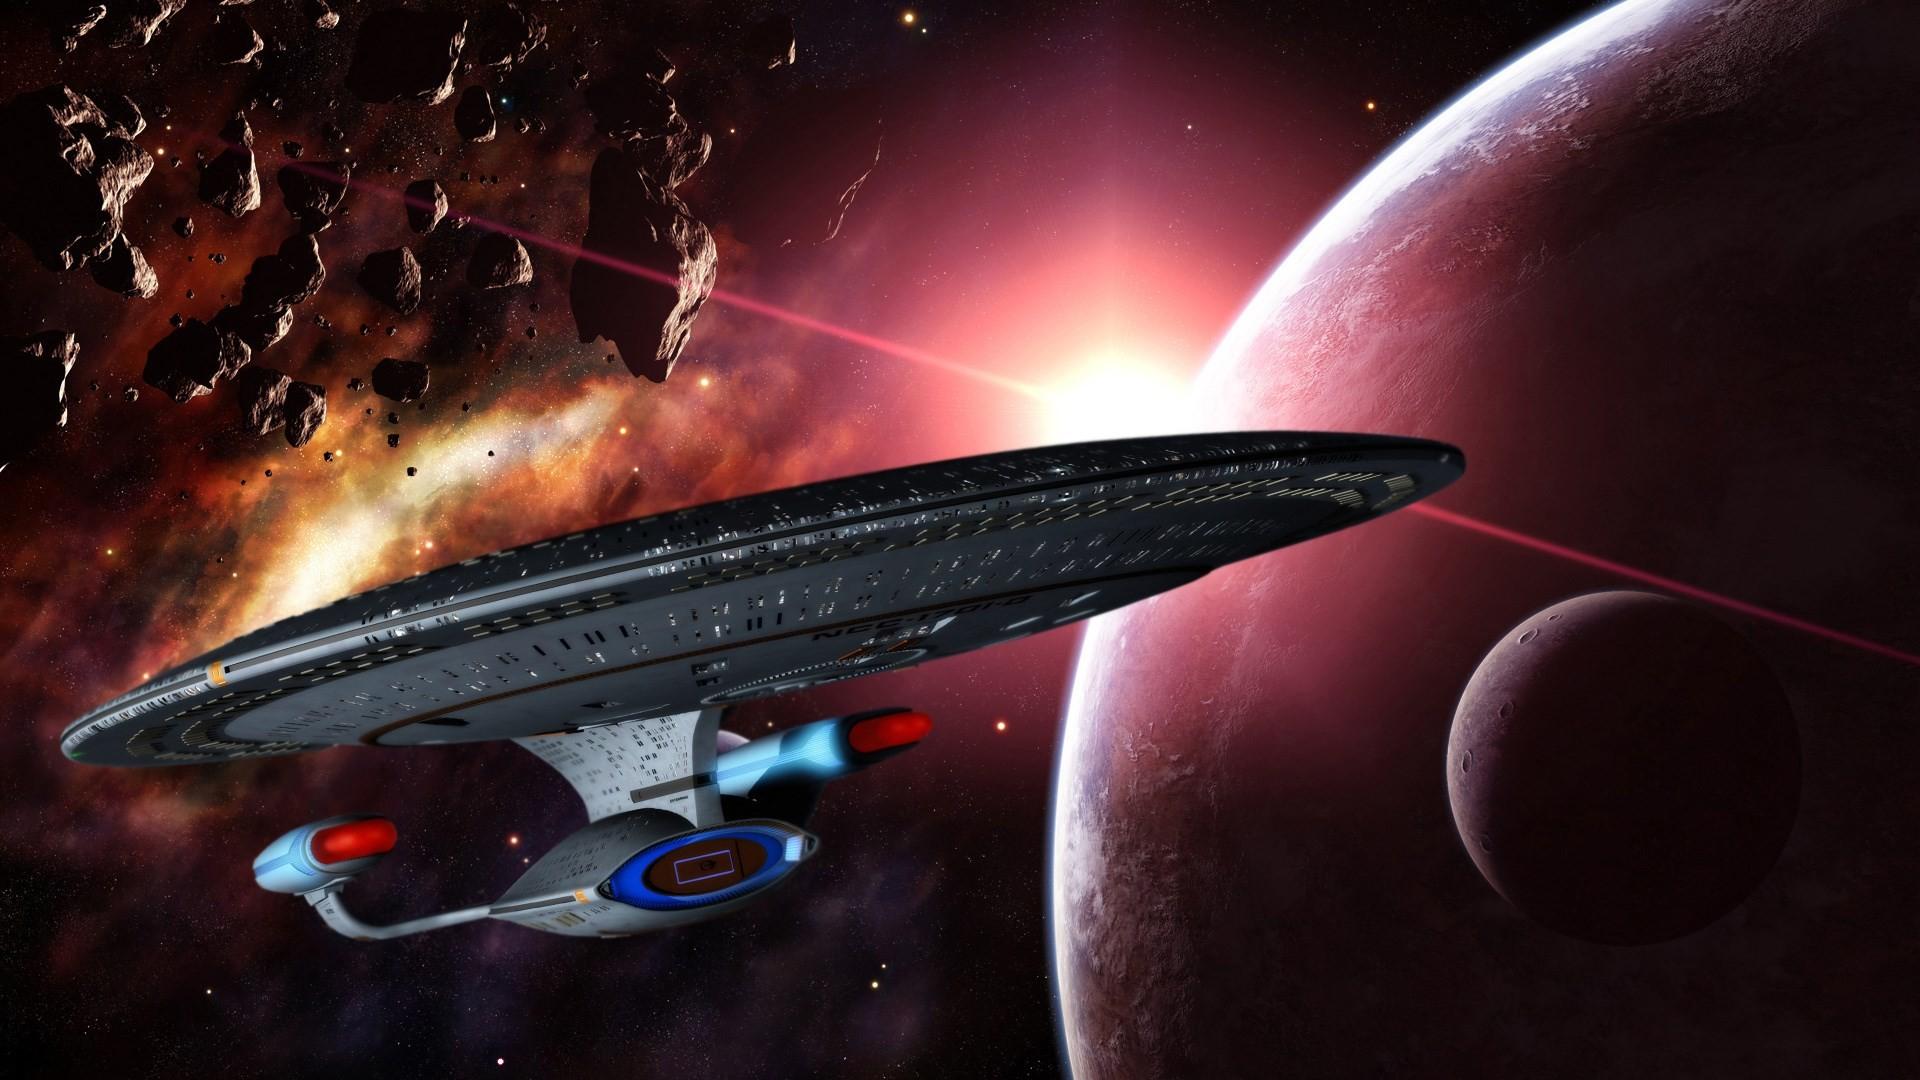 hd wallpaper star trek generations, 367 kB – Grey Ross